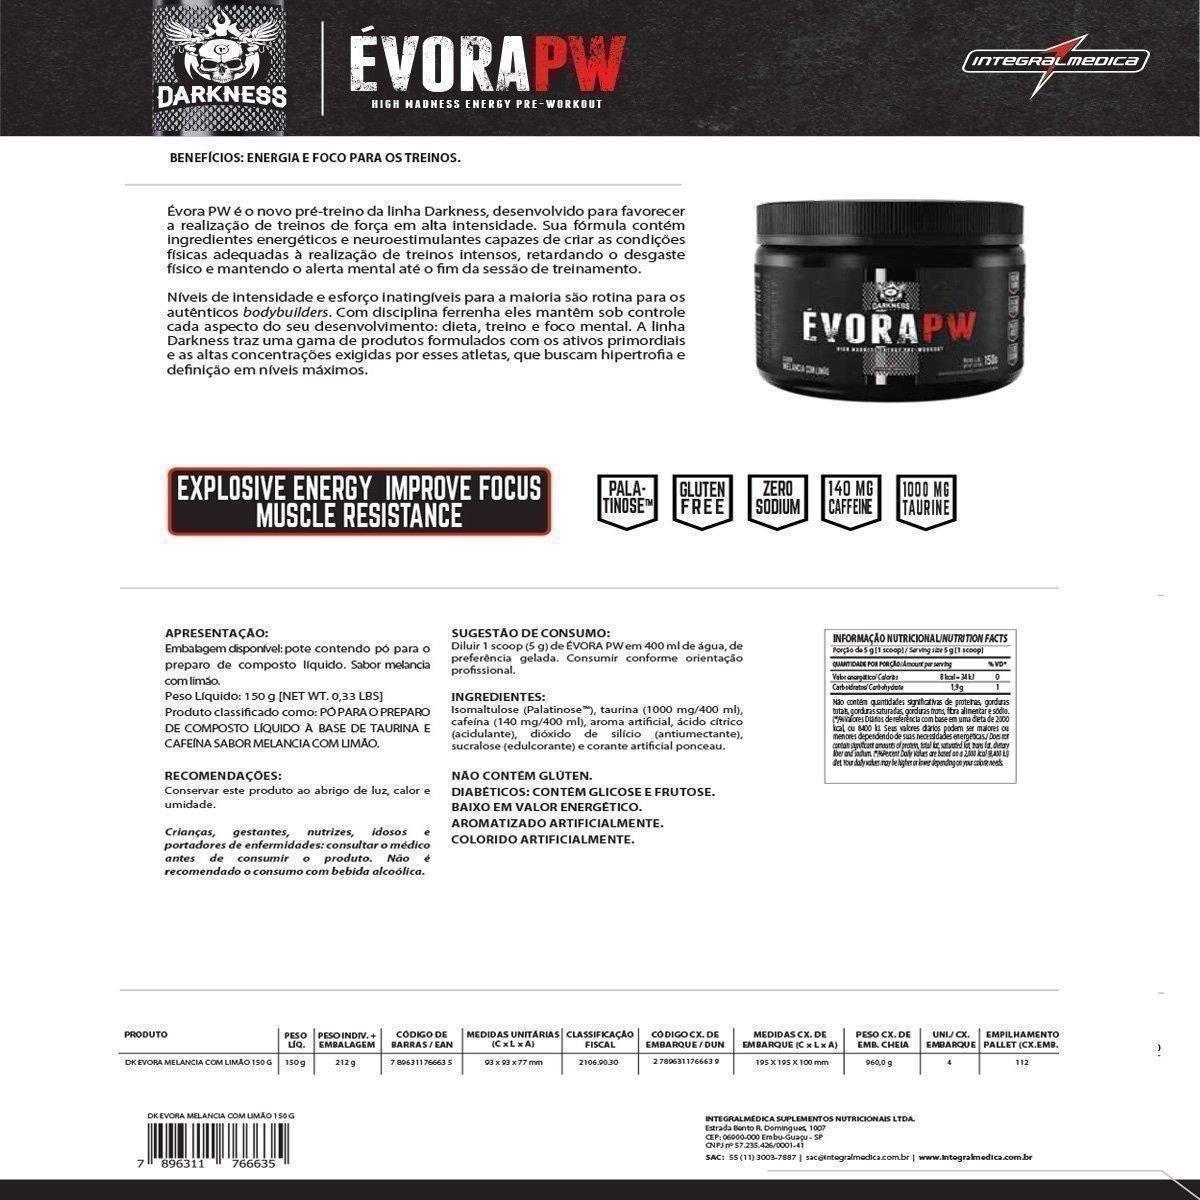 Évora PW Darkness 150G - IntegralMédica - 1